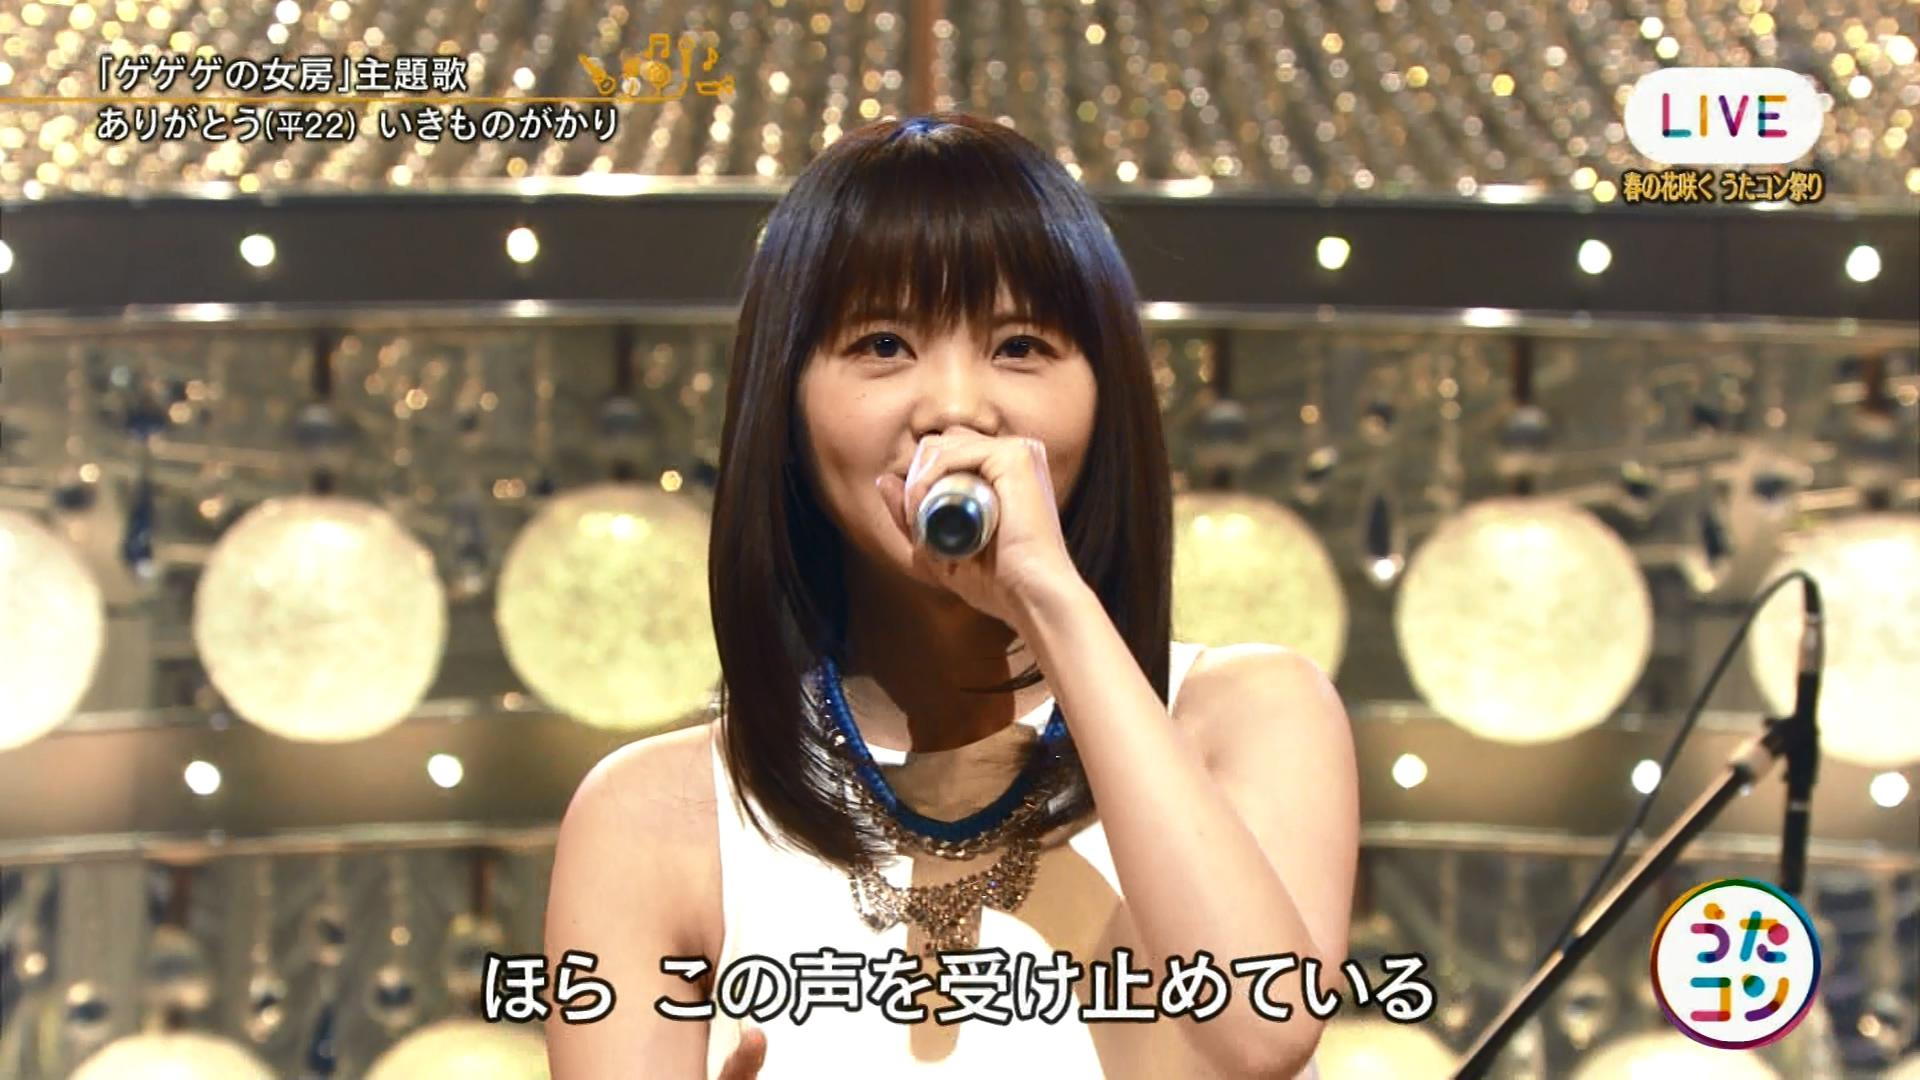 2016.04.12 全場(うたコン).ts_20160412_205513.184